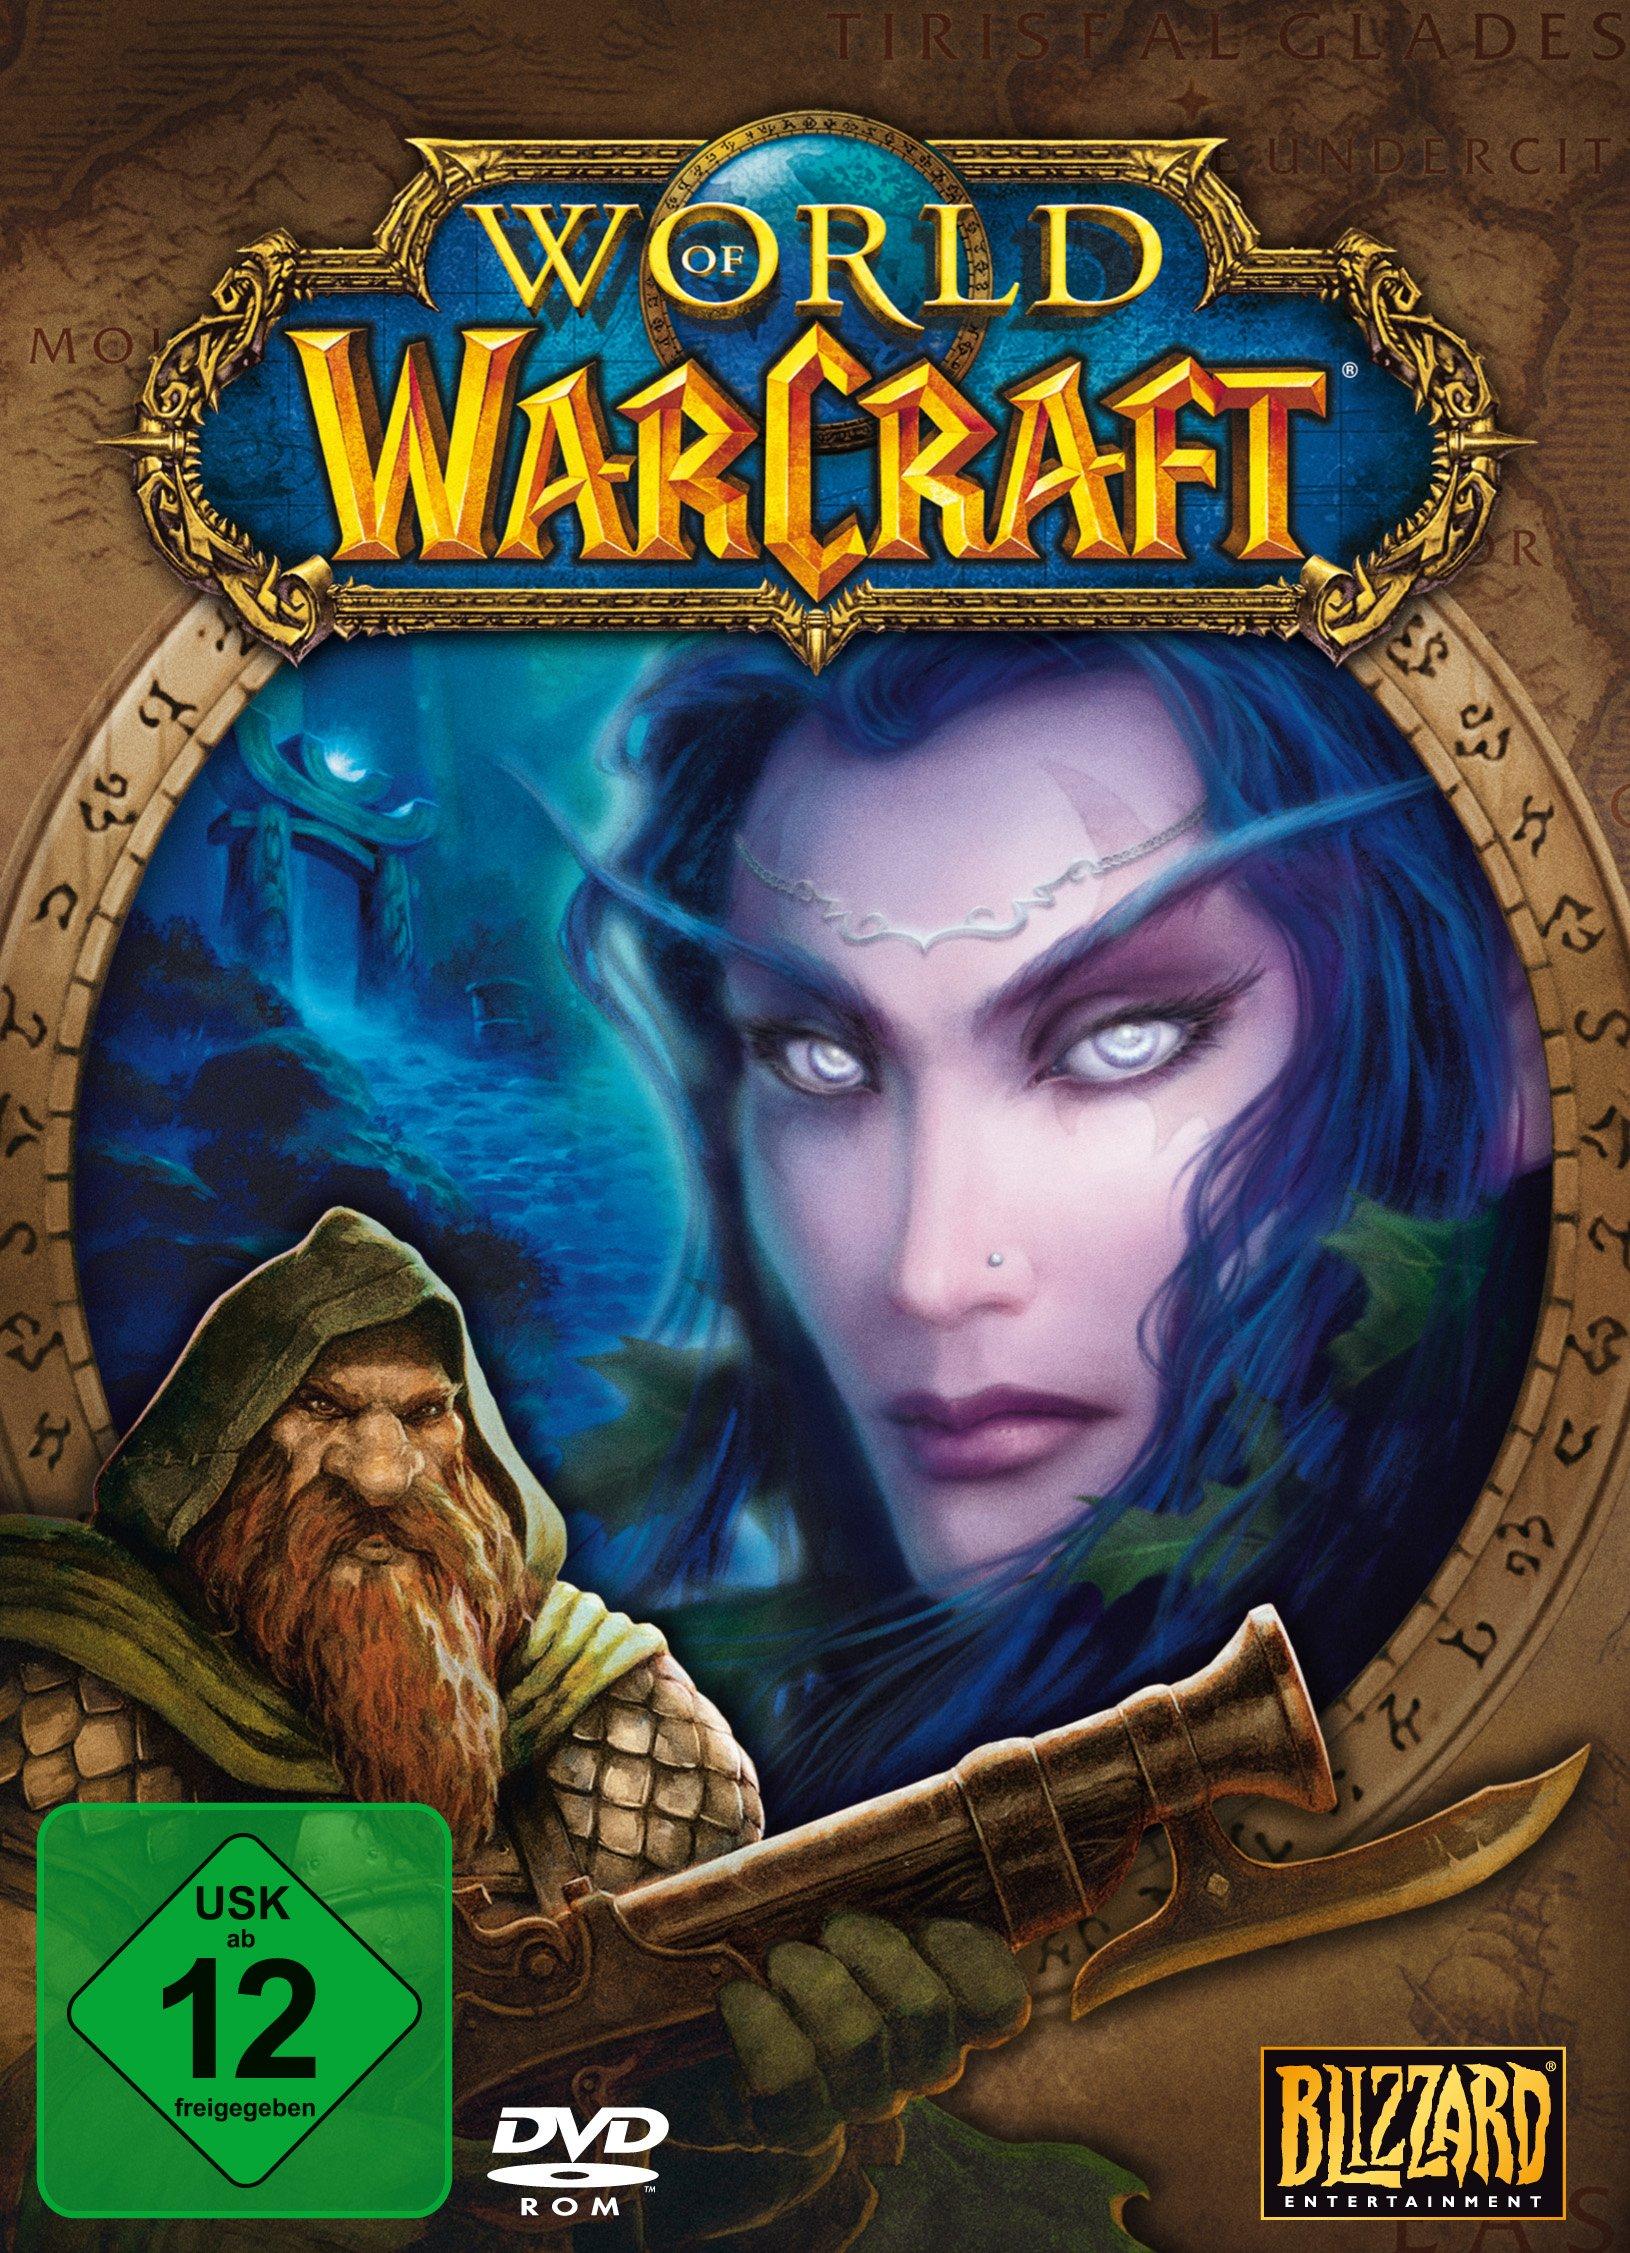 World of WarCraft product image